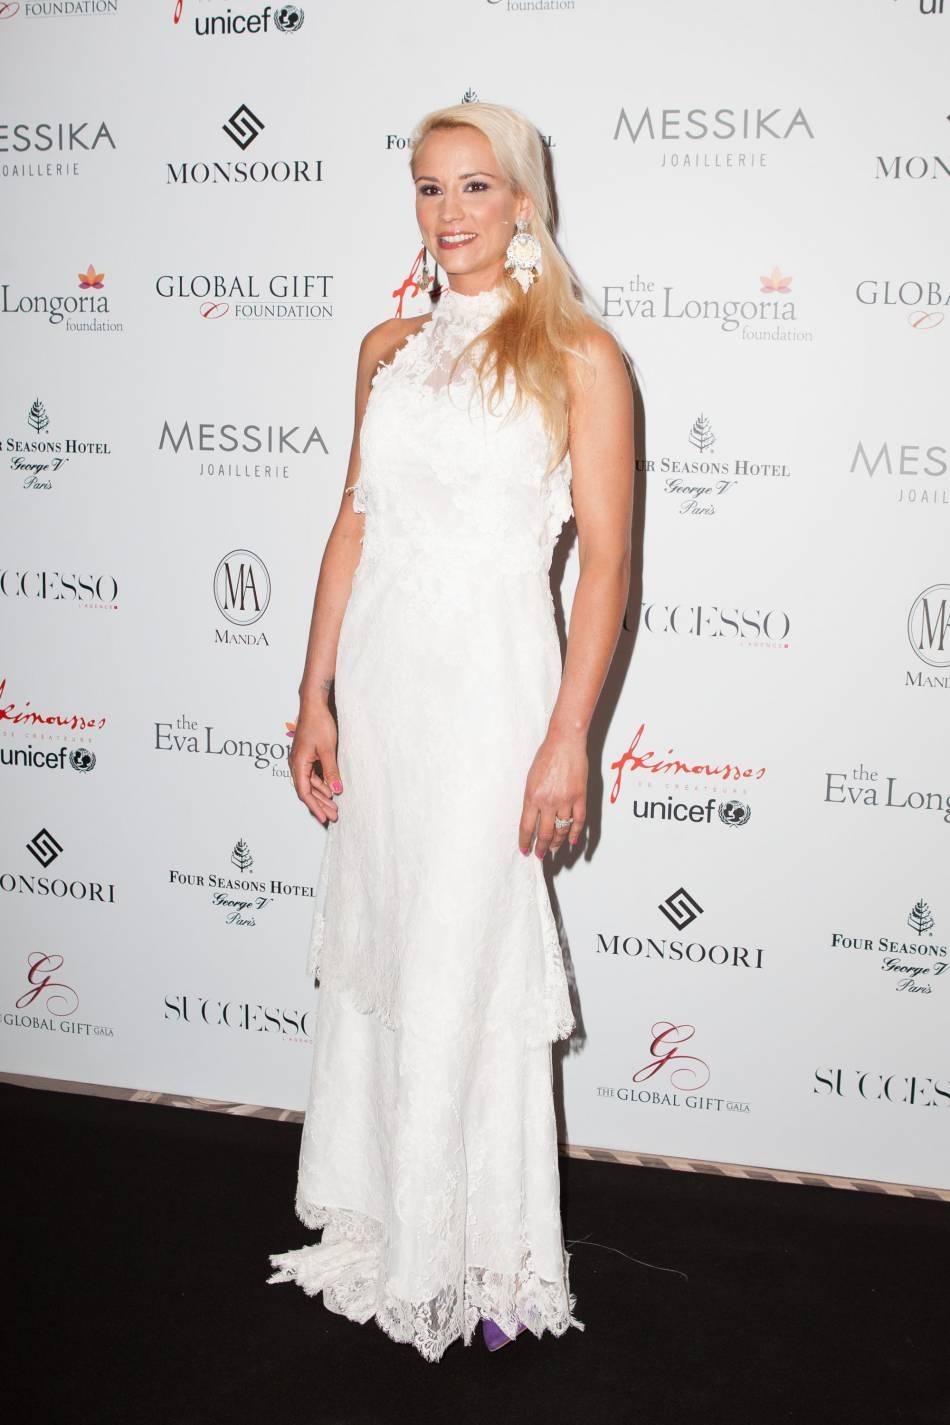 Habituée aux tapis rouges, l'ex Miss France est à couper le souffle !